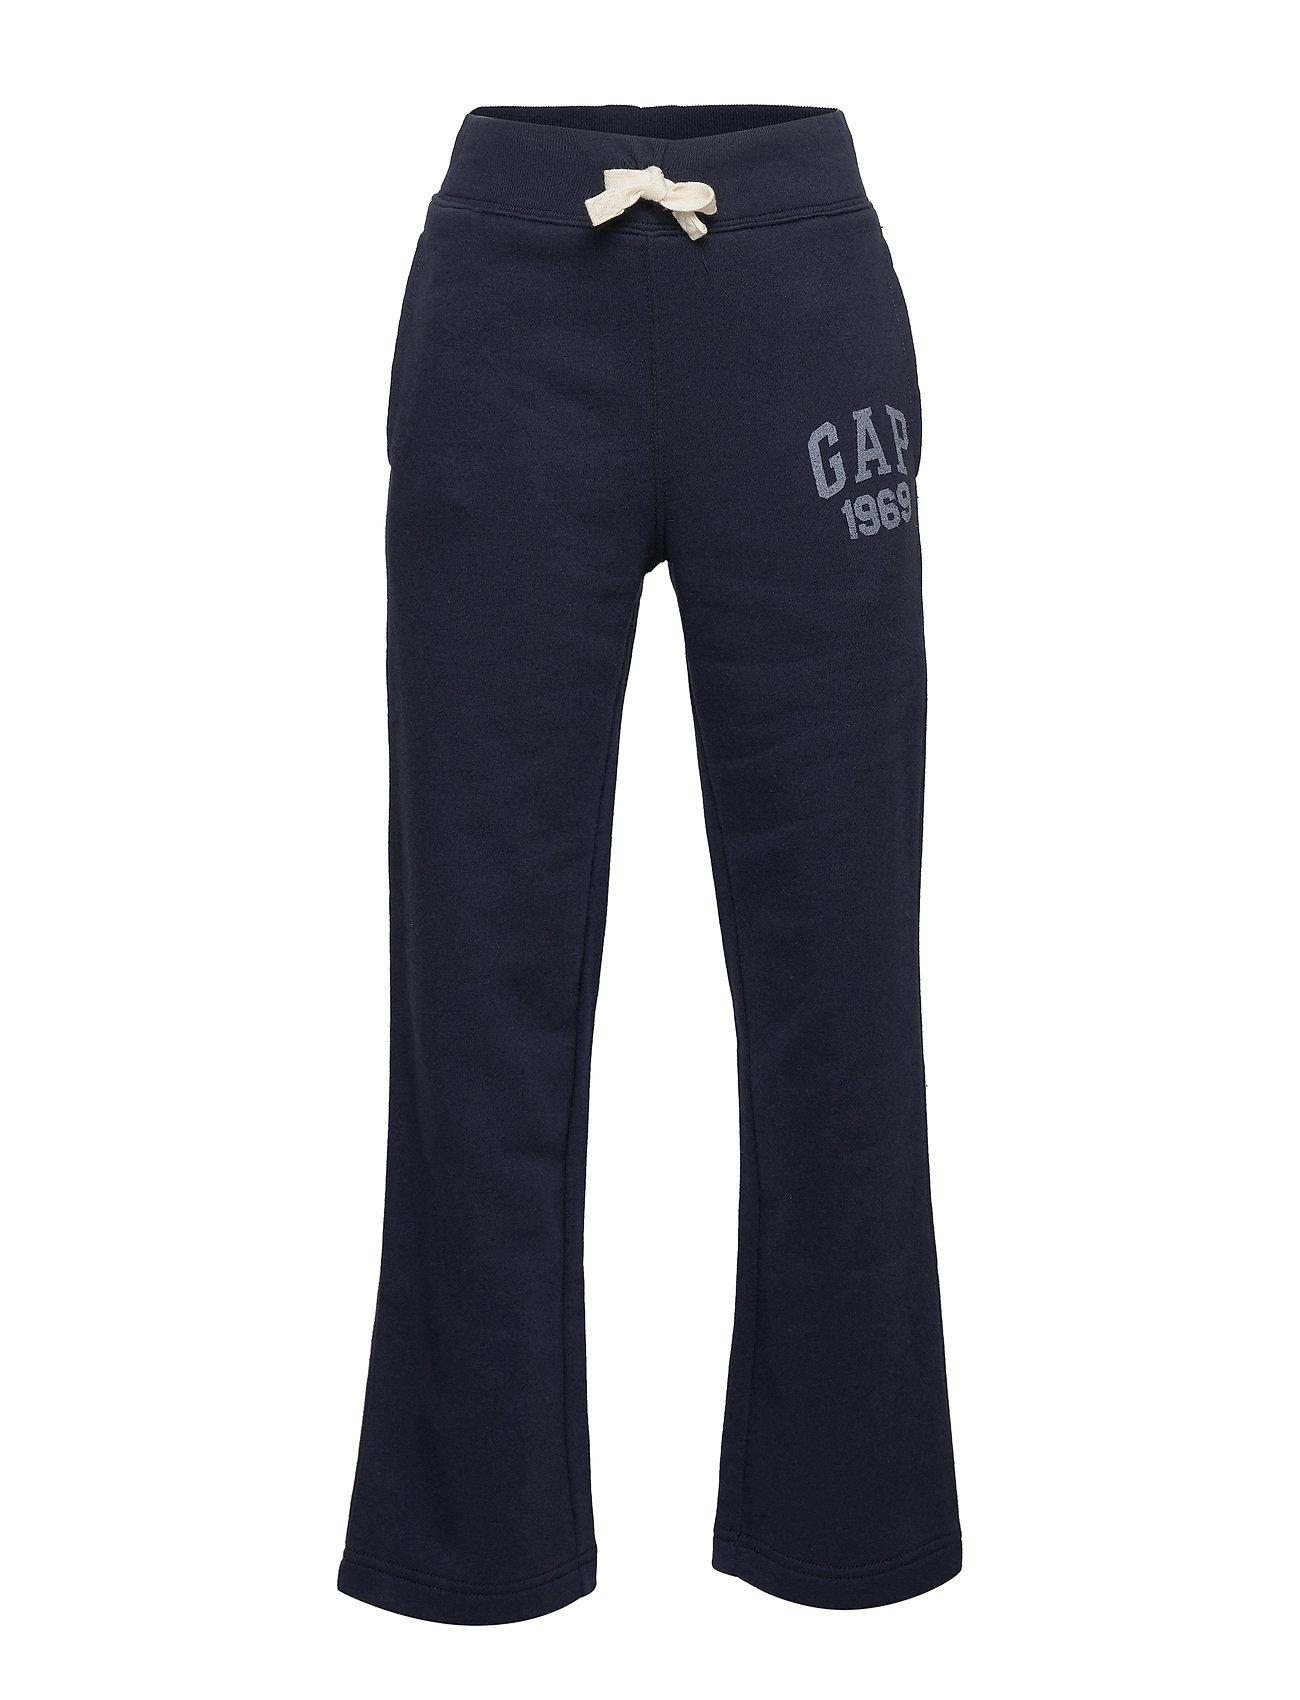 GAP Kids Gap Logo Pants in Fleece - BLUE GALAXY